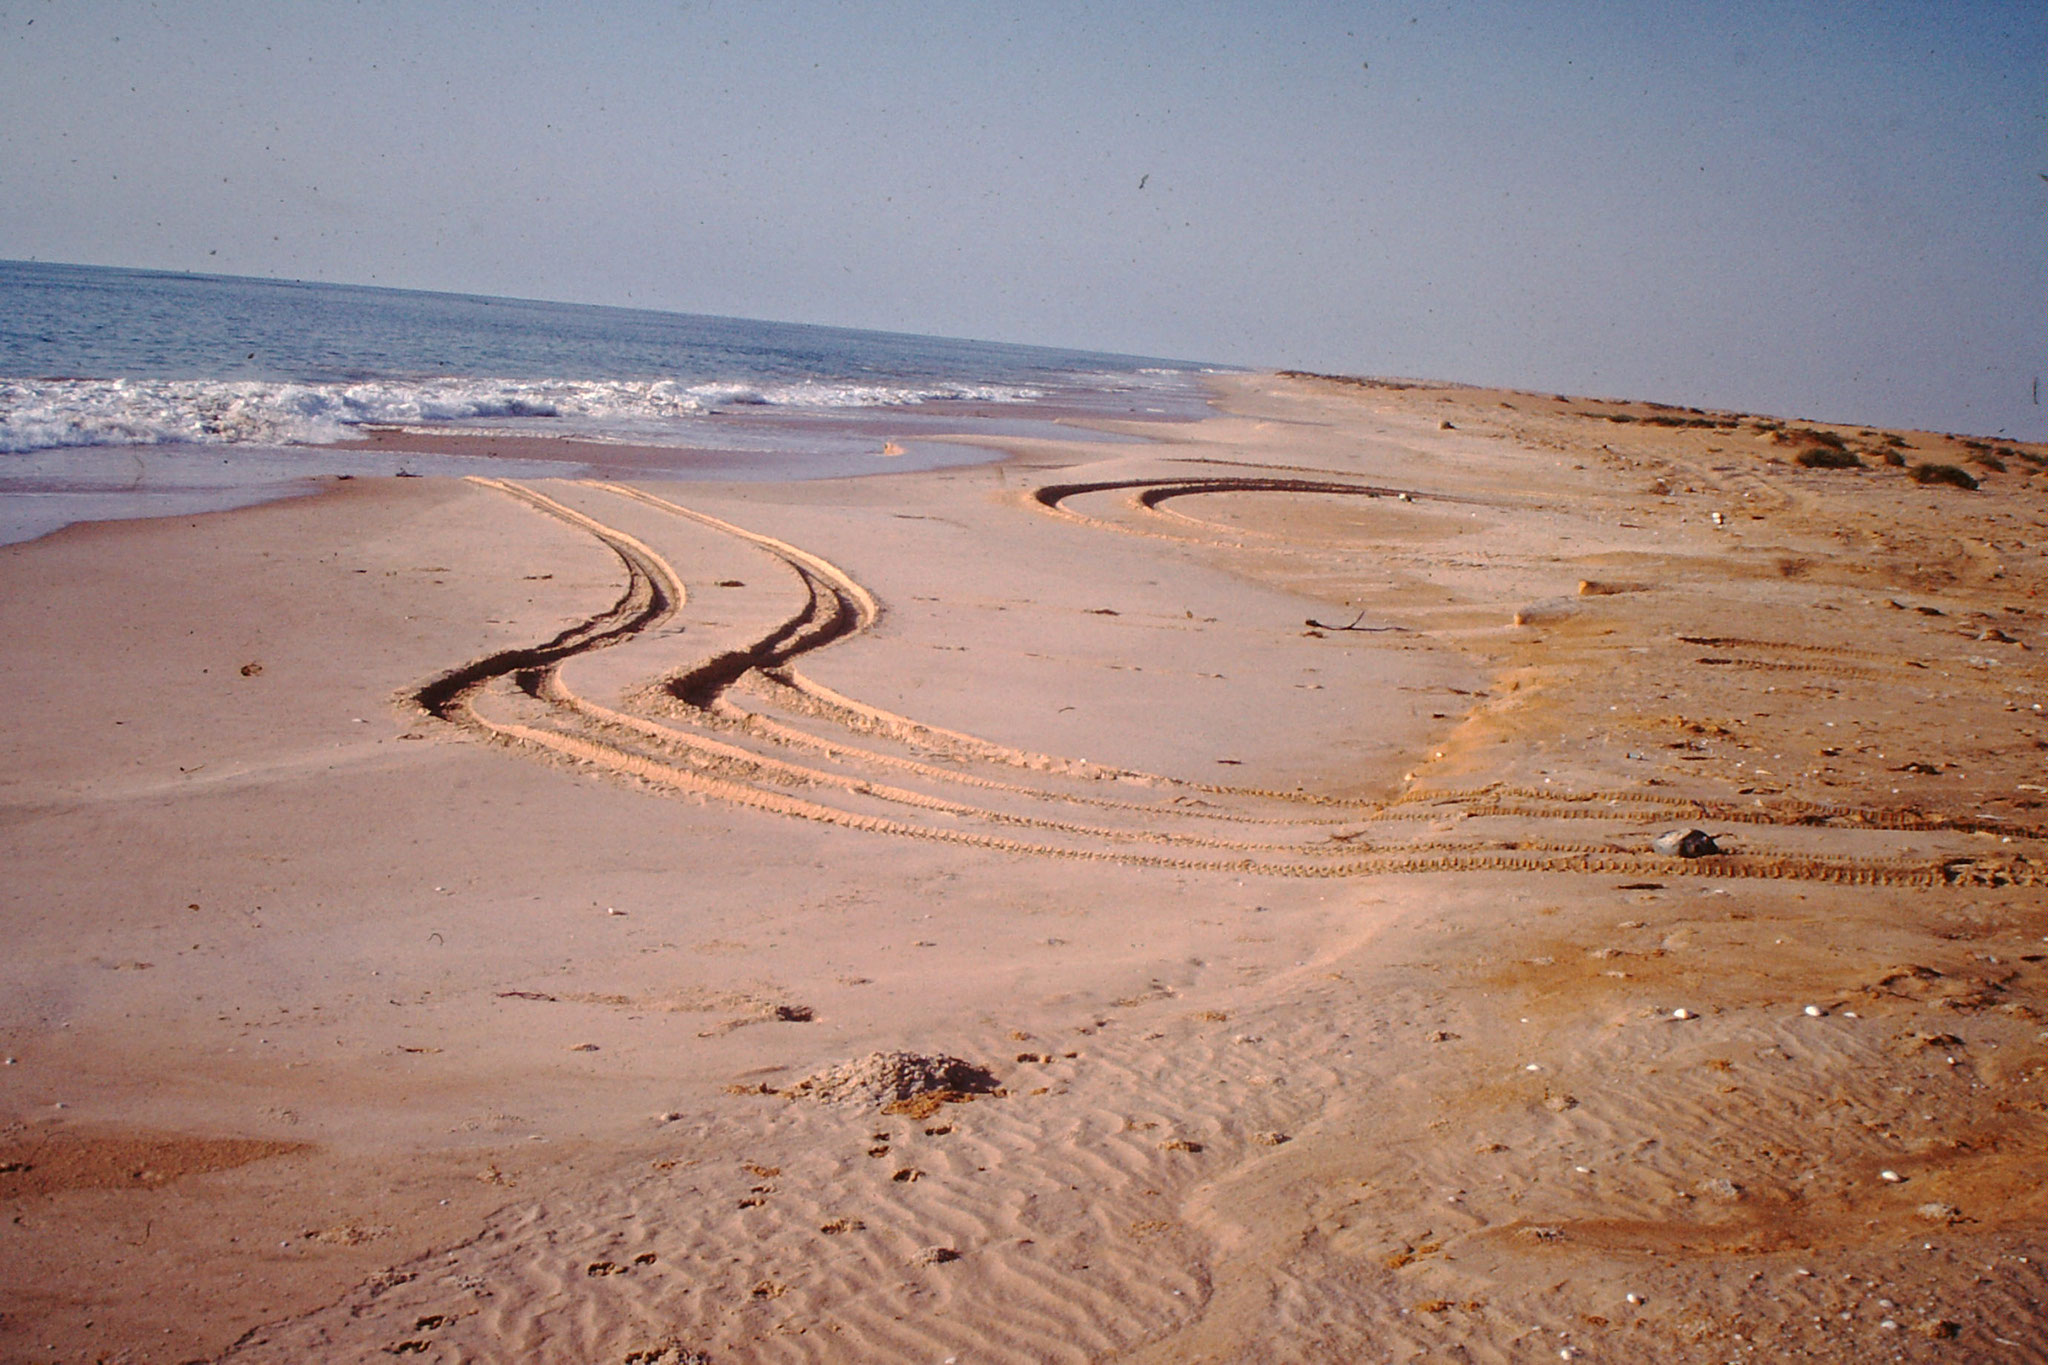 Der einzige Weg ist dem Strand entlang während der Ebbe.